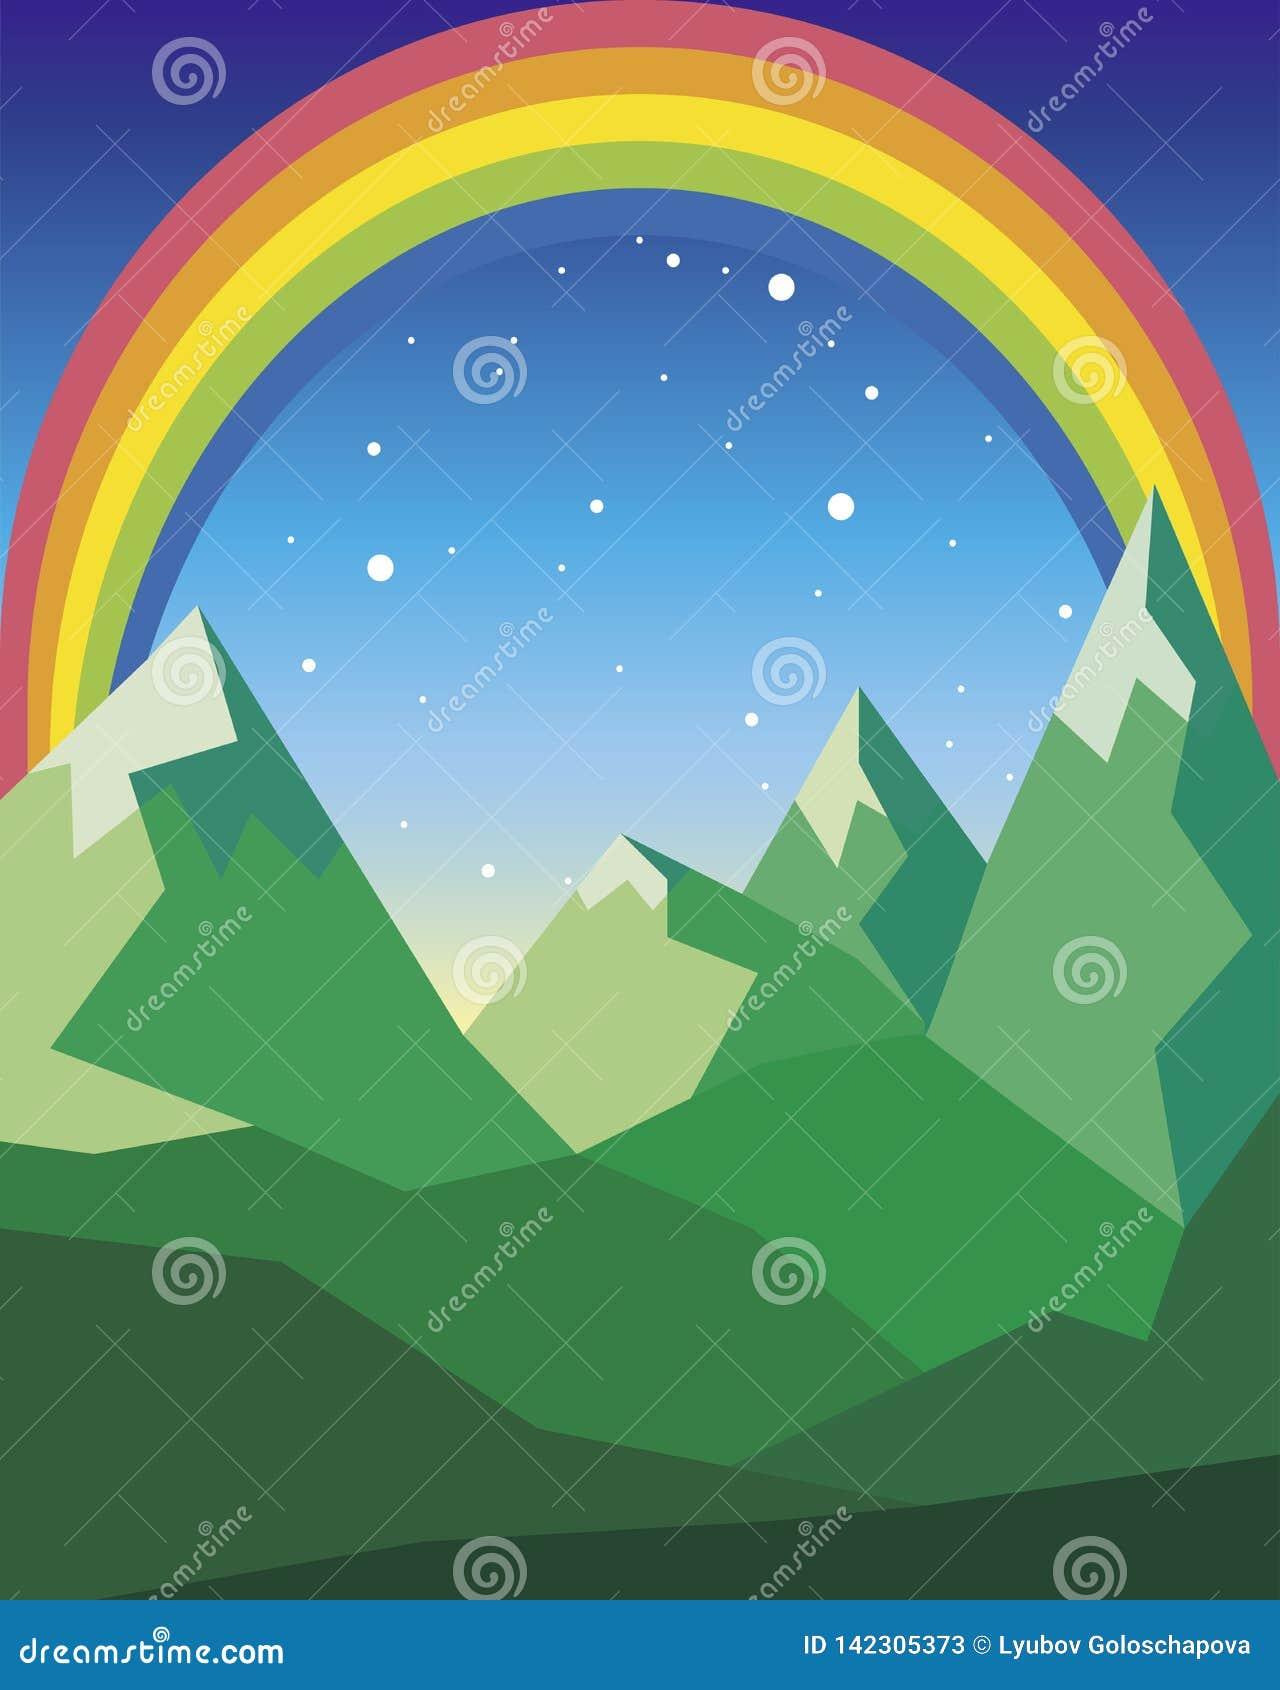 Paisagem da montanha em cores verdes com arco-íris e estrelas